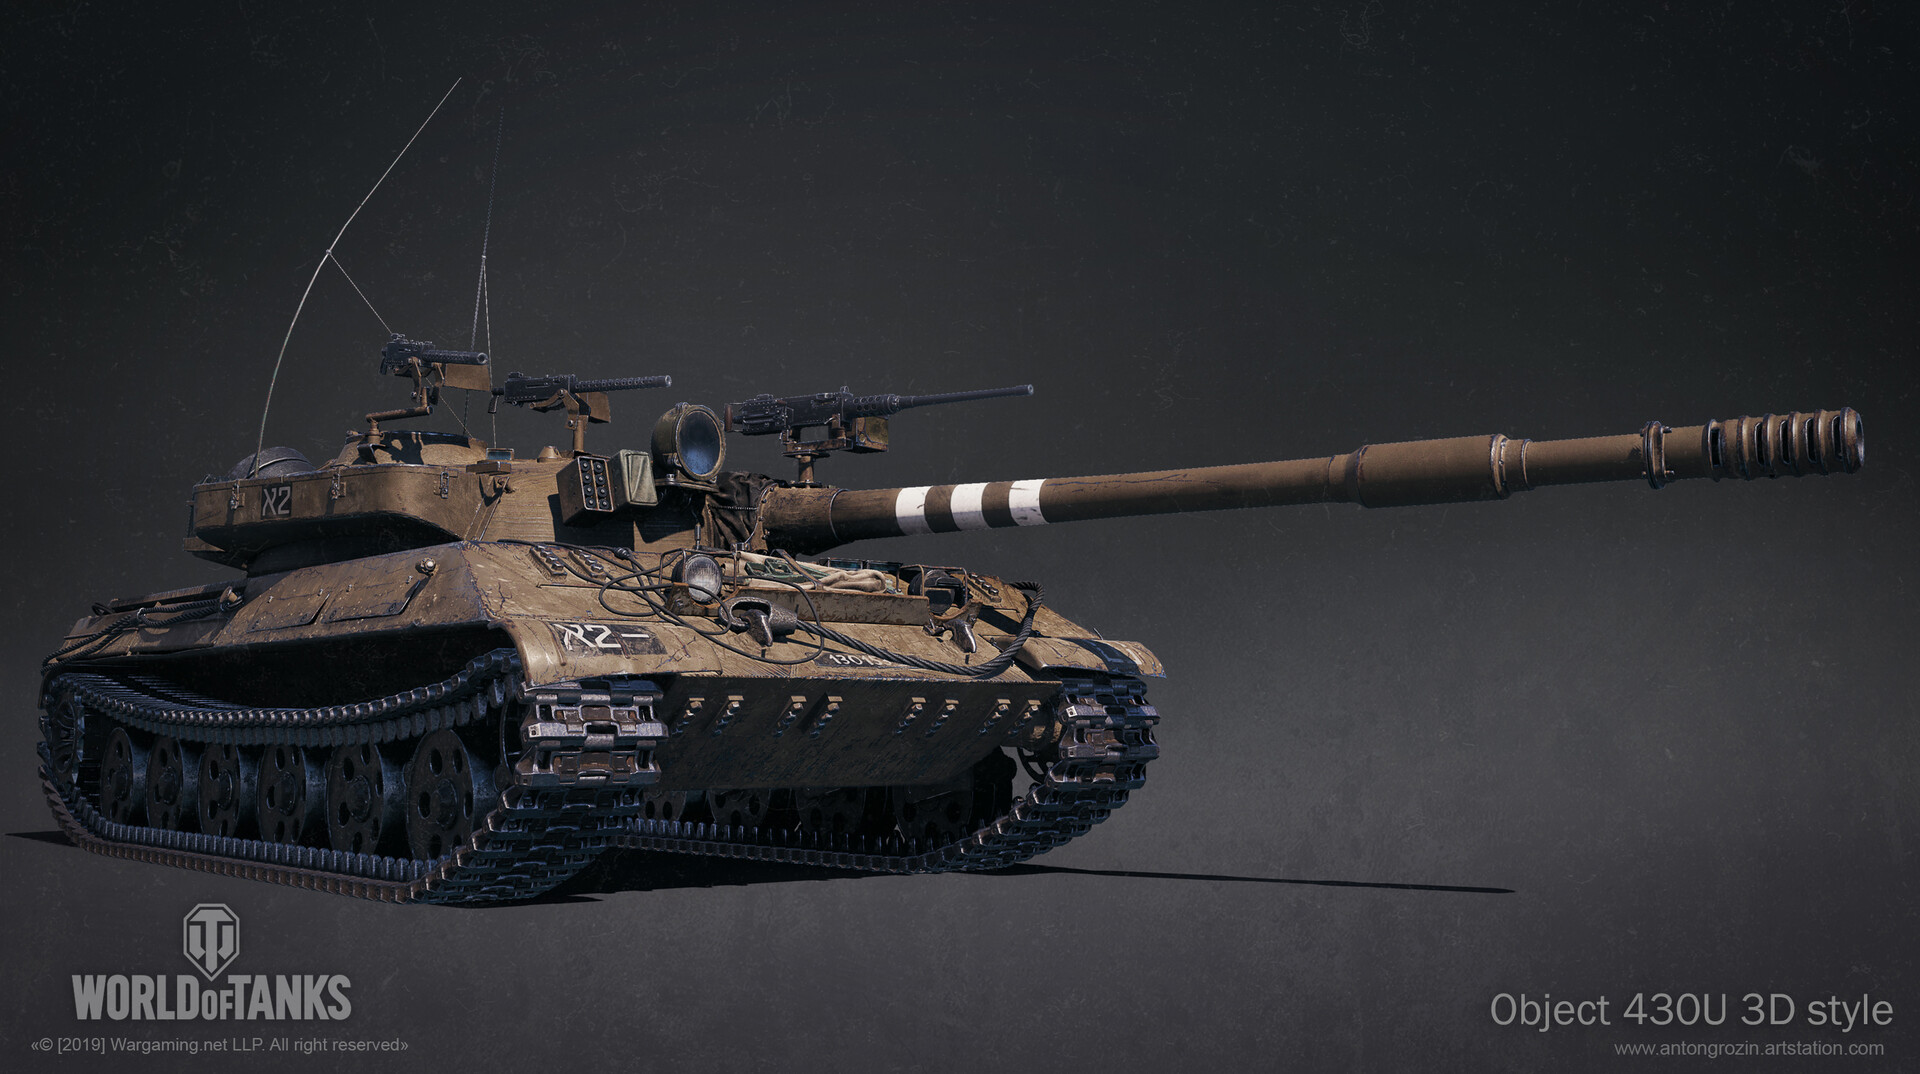 Anton-grozin-object-430u-3d-style-1